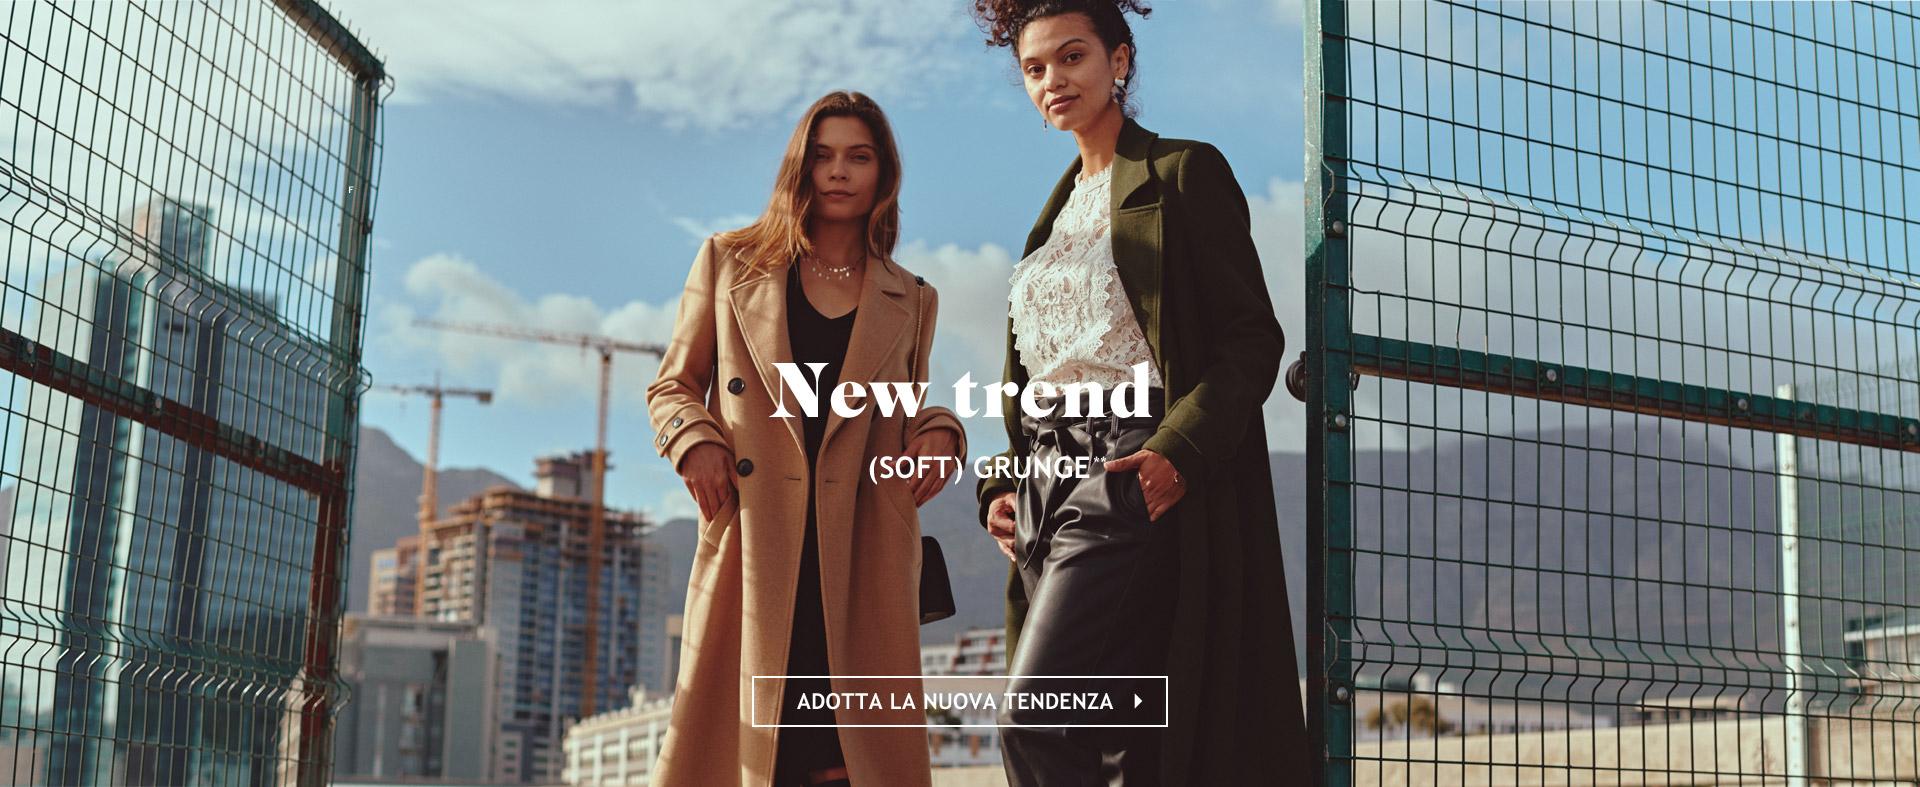 New trend (soft) grunge**